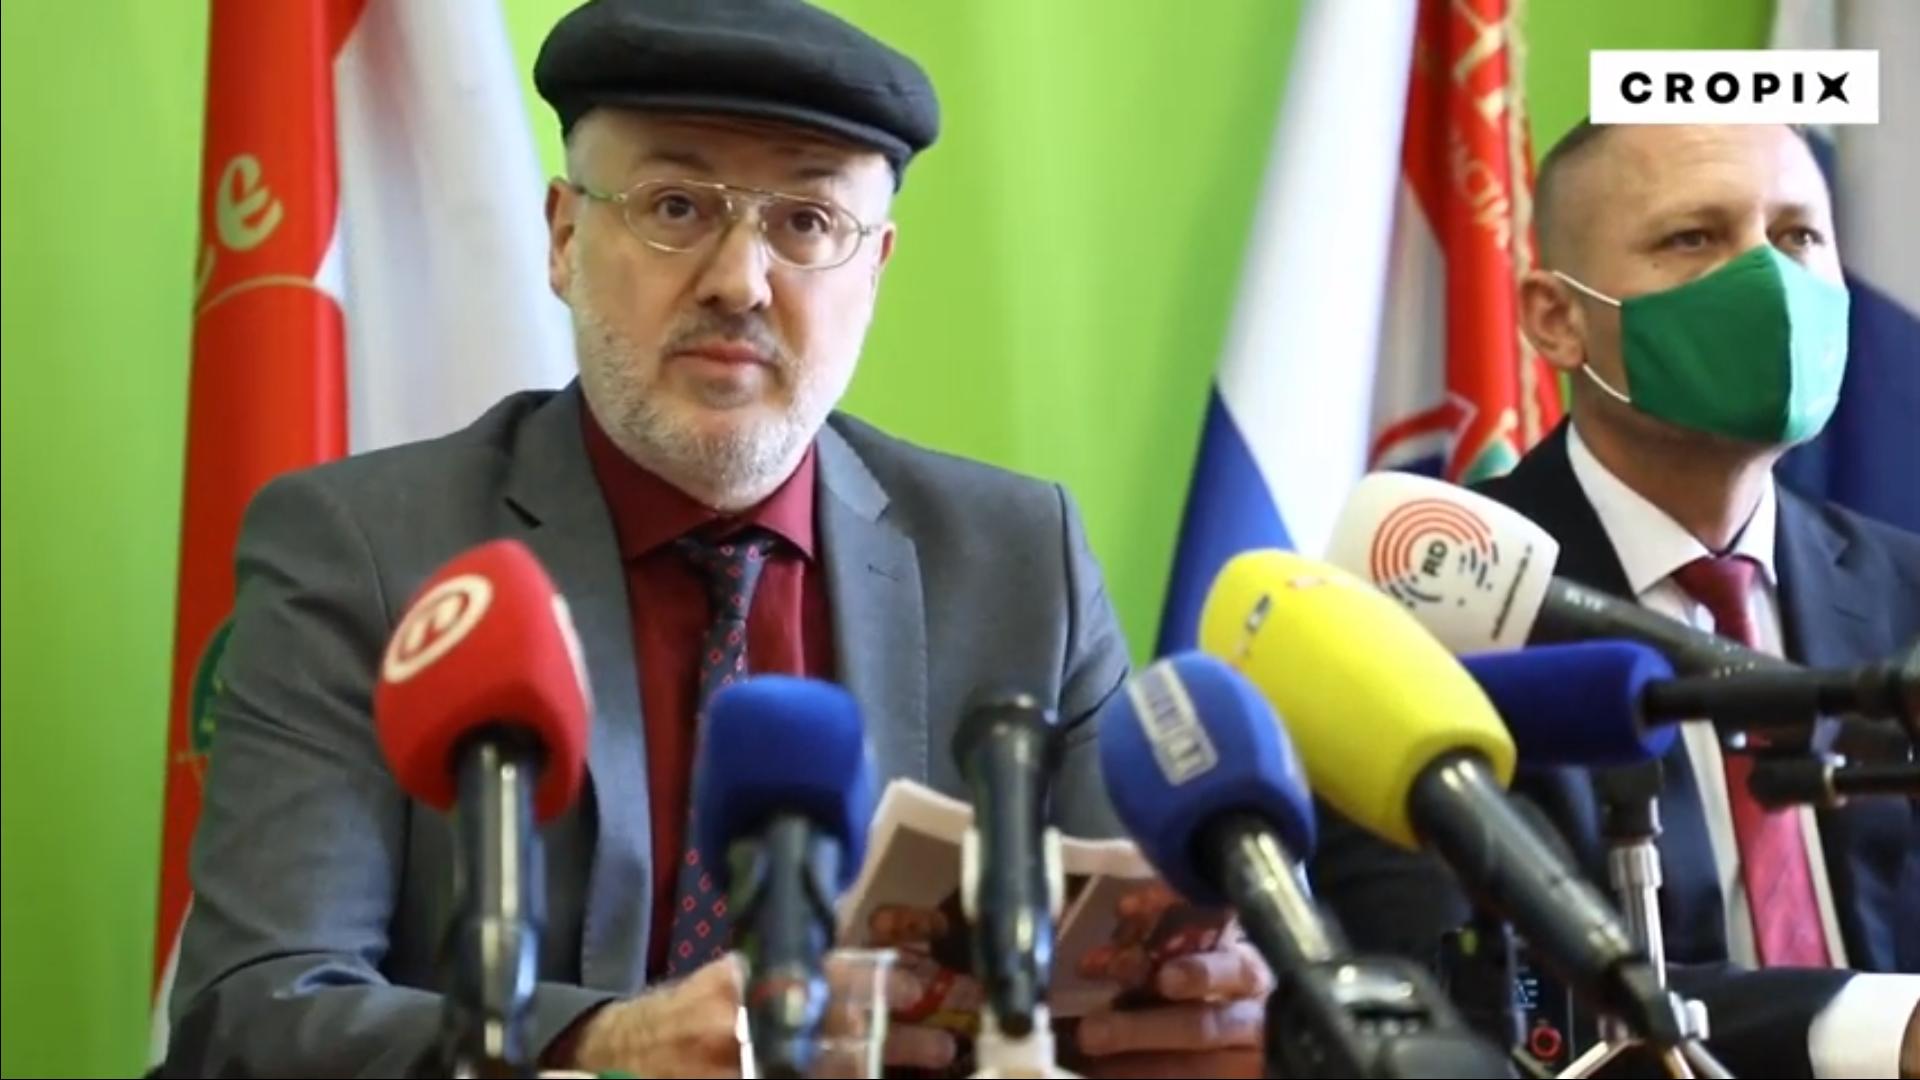 Siniša Vuco službeno kandidat za gradonačelnika Splita